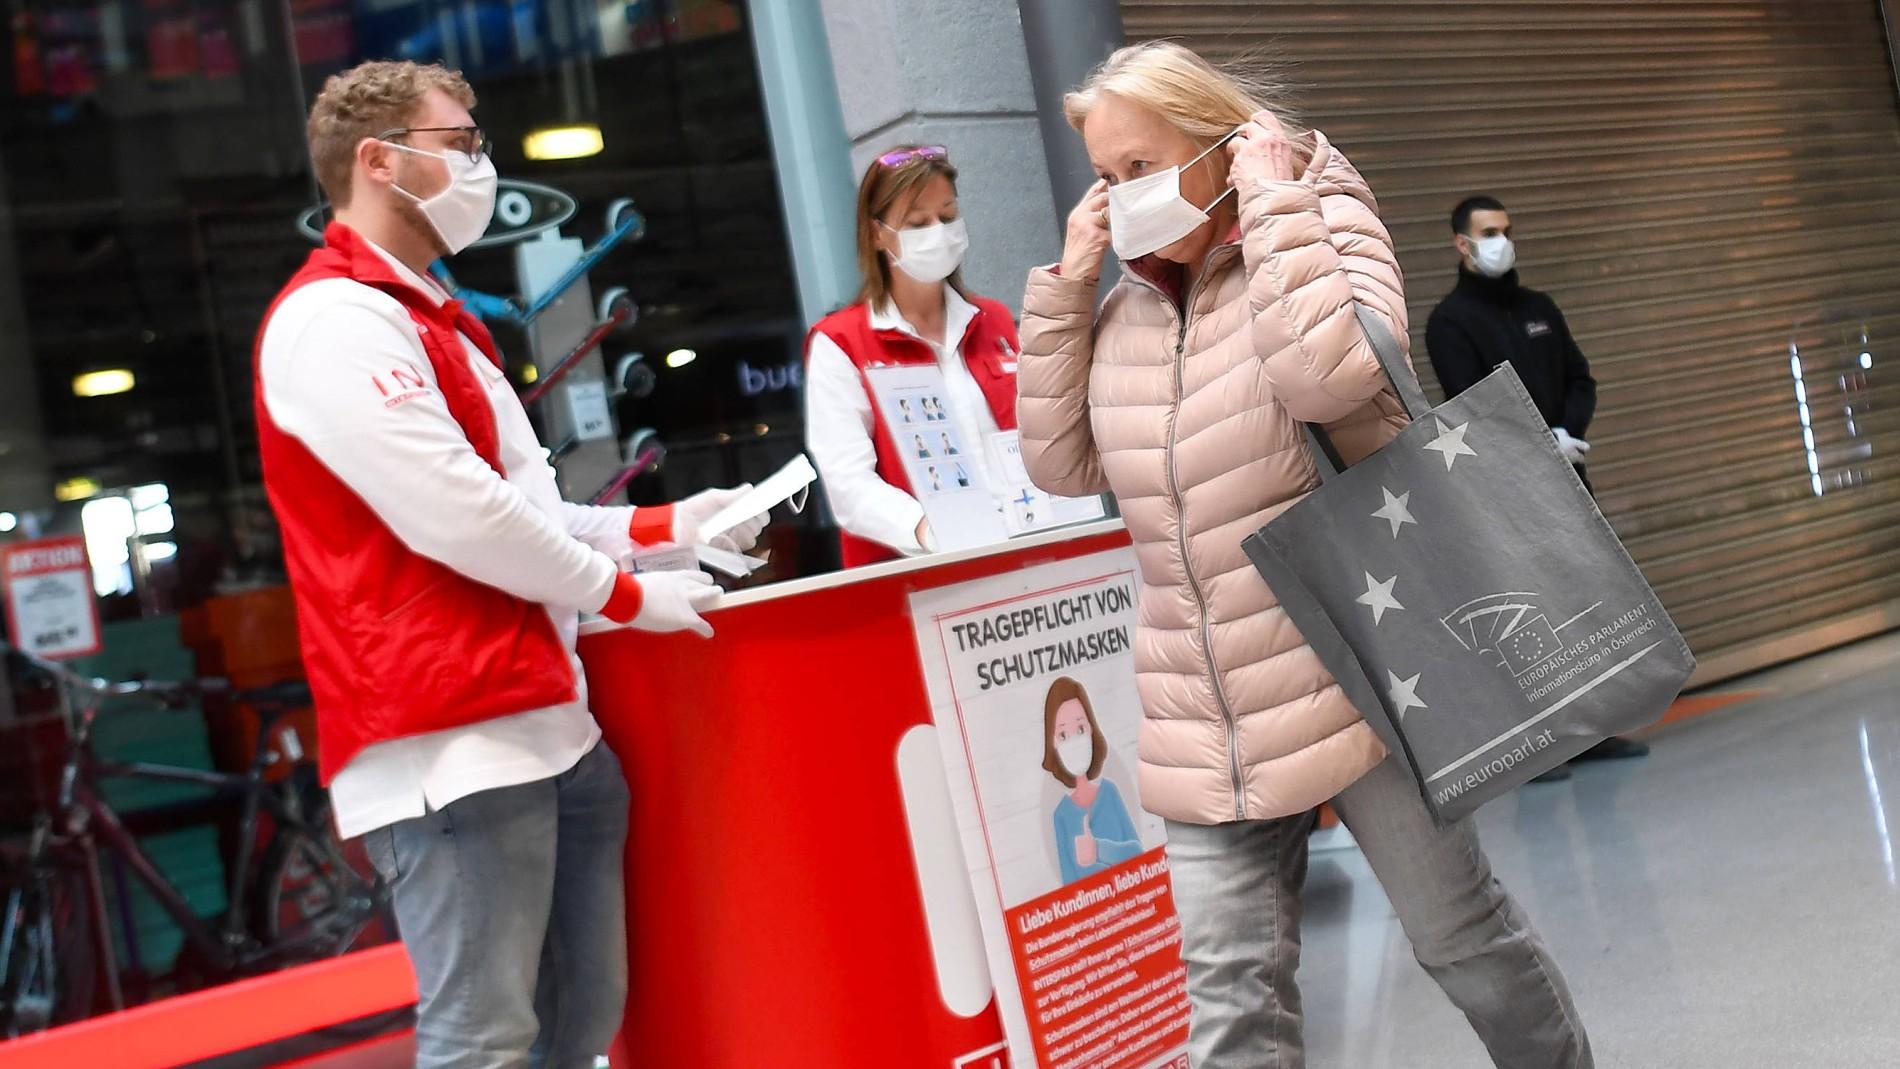 Corona in Österreich: Einkaufen nur mit Mund-Nasen-Schutz